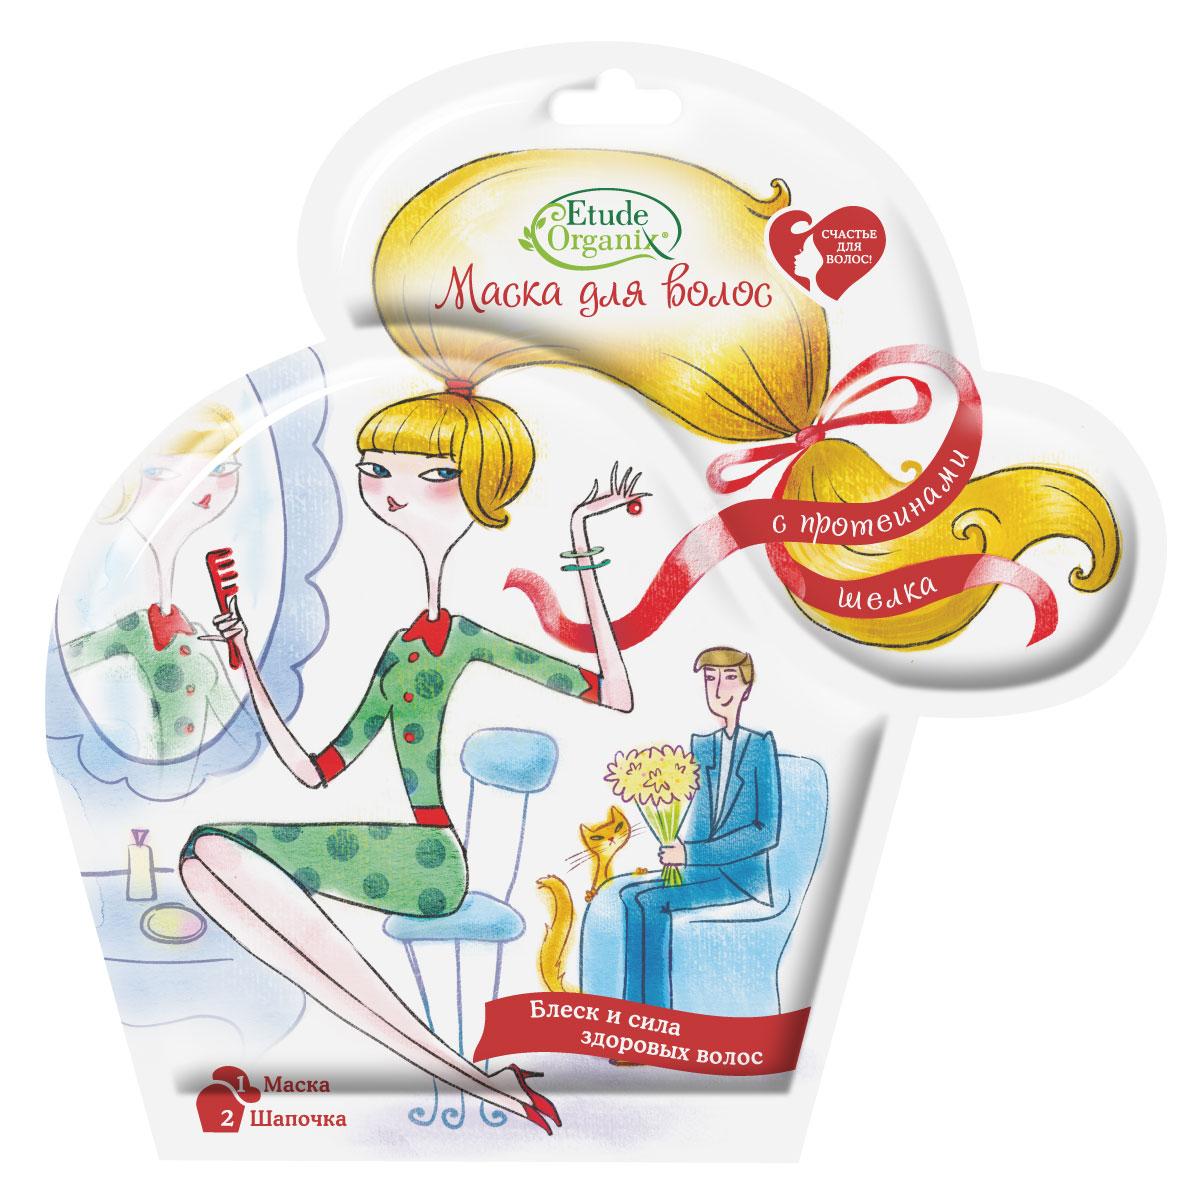 Etude Organix Маска для волос Блеск и сила здоровых волос с протеинами шелка, 5 шт.8809270623955Двухшаговая крем-маска Etude Оrganix с протеинами шелка придает волосам эластичность, мягкость и шелковистый блеск. Протеины шелка, обладая глубоким кондиционирующим эффектом, способствуют разглаживанию волос, предупреждают их электризацию, облегчают расчесывание и укладку. Растительные экстракты в сочетании с пантенолом и коллагеном придают волосам прочность и эластичность. Шапочка из нетканого материала создает дополнительный тепловой эффект и усиливает действие активных компонентов средства. После процедуры волосы сияют естественной красотой. Активные компоненты: протеины шелка, масло жожоба, экстракт цветков камелии японской, масло оливы, экстракт чайного листа, сок листьев алоэ вера, экстракт лаванды, экстракт водорослей, масло арганы, пантенол, коллаген. Саше, разделённое перфорацией на 2 секции (2 шага). Первый шаг маска для волос. Второй шаг нетканная шапочка. На 1 применение. В упаковке 5 шт.